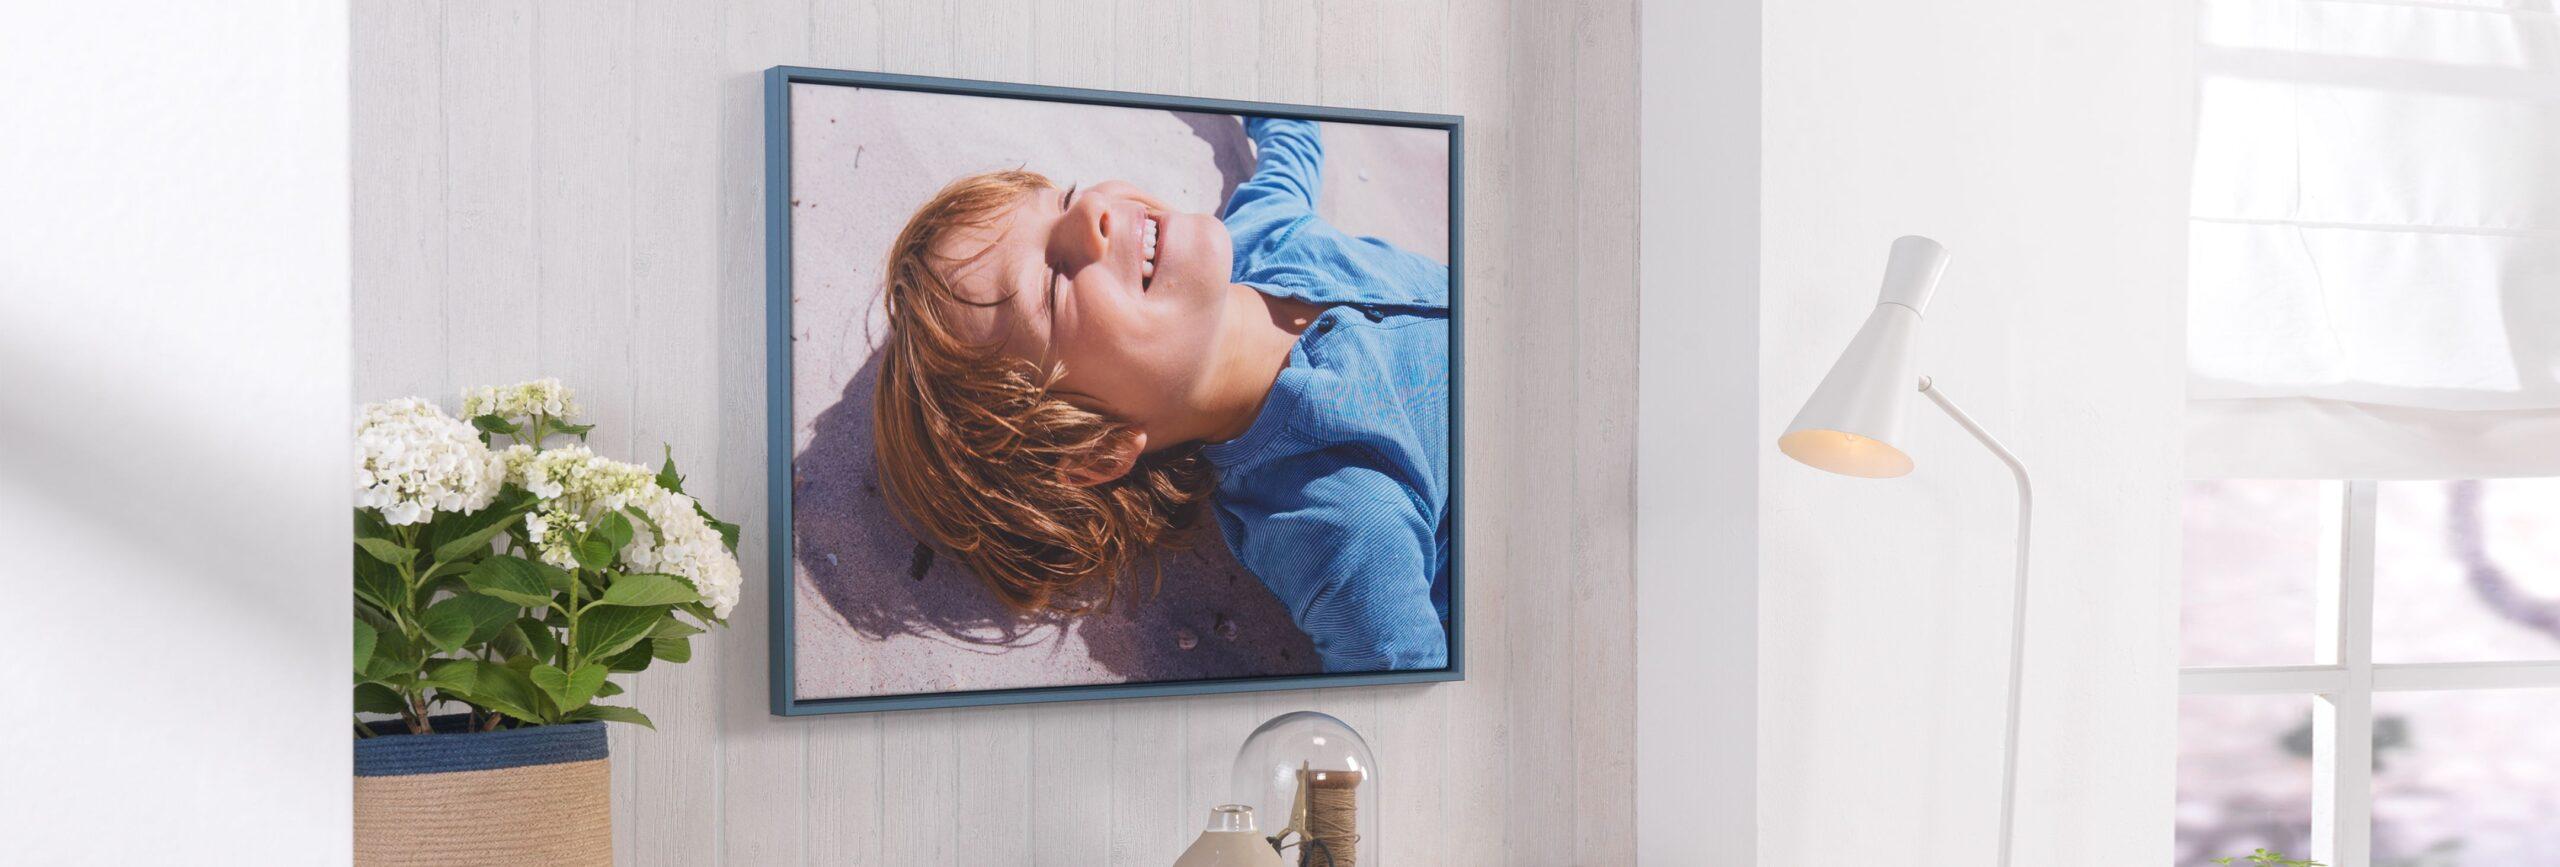 Full Size of Fotos Auf Leinwand Fotoleinwand Drucken Bei Cewe Glasbilder Küche Bad Wohnzimmer Glasbild 120x50